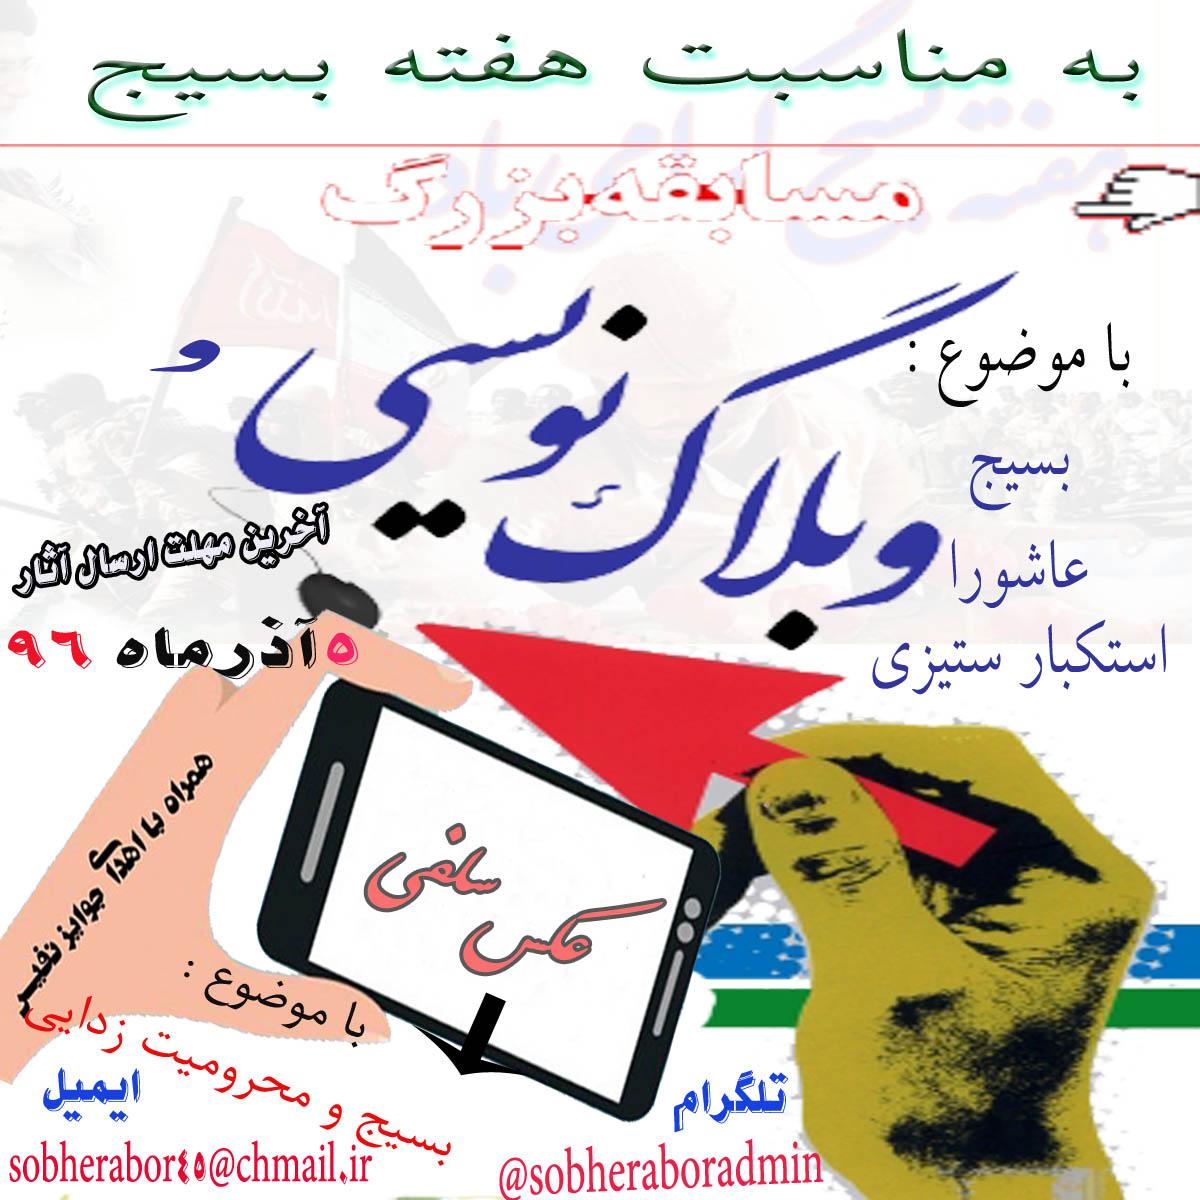 مسابقه بزرگ وبلاگ نویسی و عکس سلفی به مناسبت هفته بسیج برگزار می شود